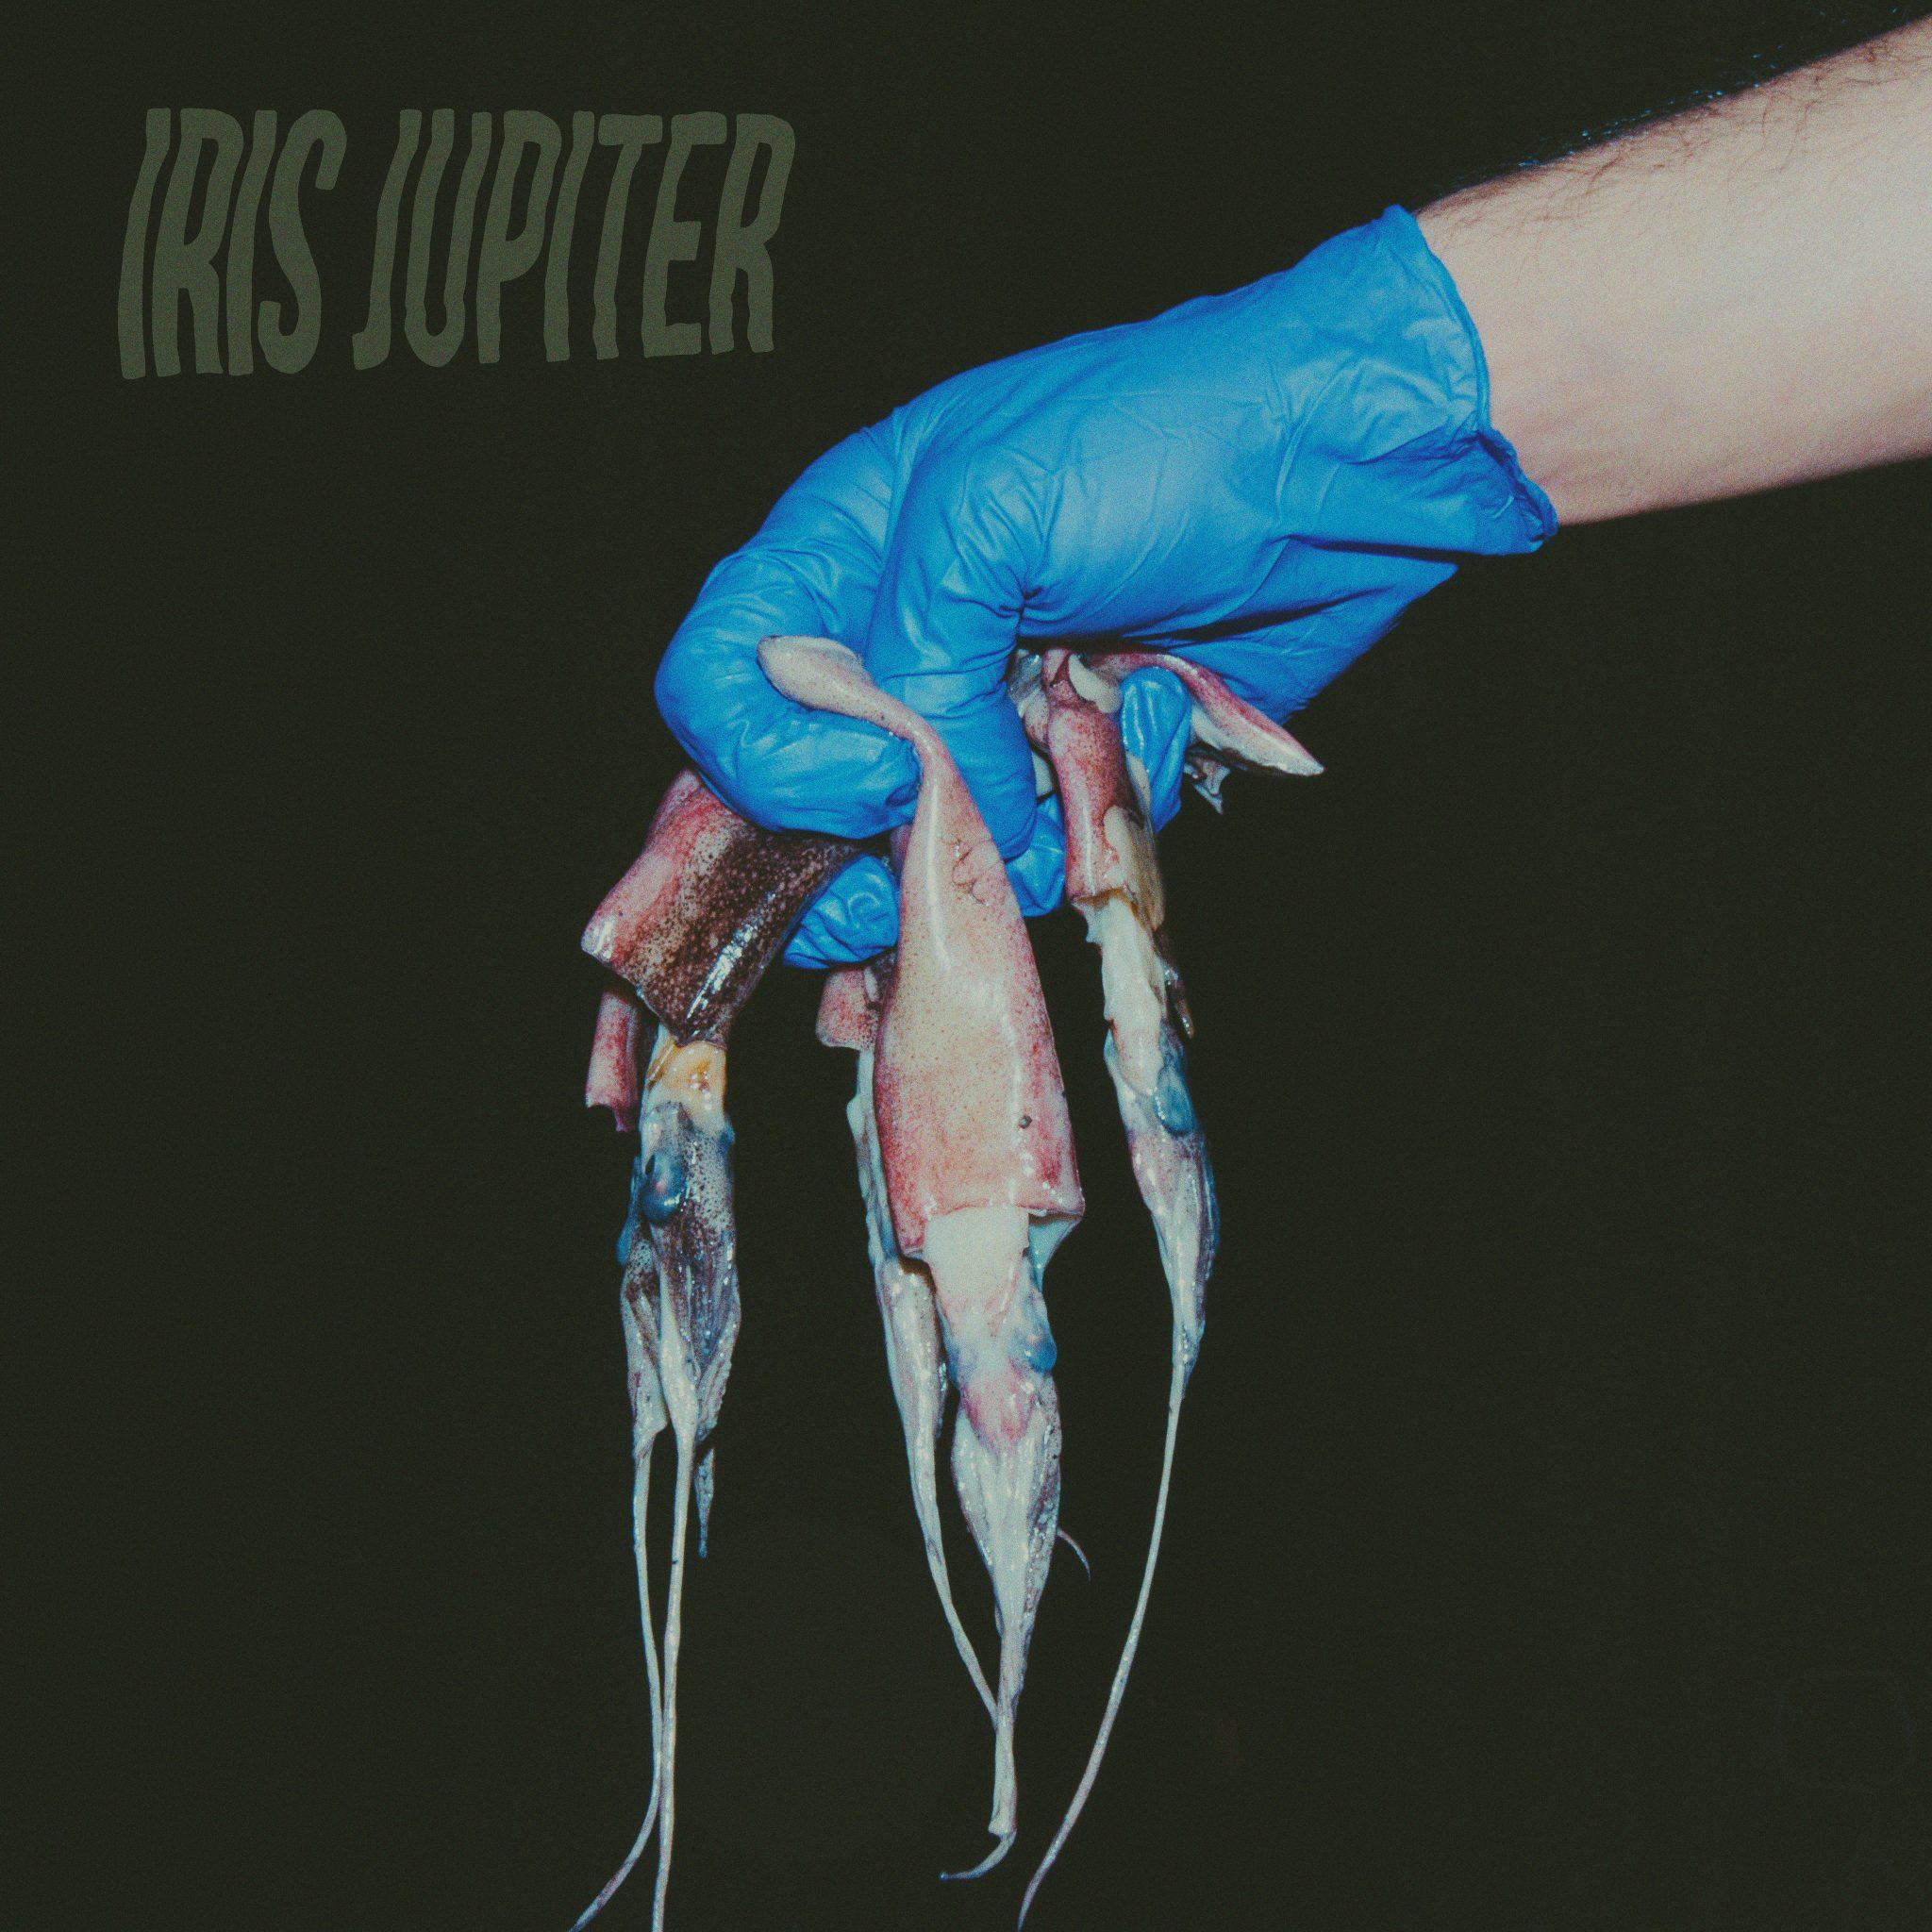 iris-jupiter